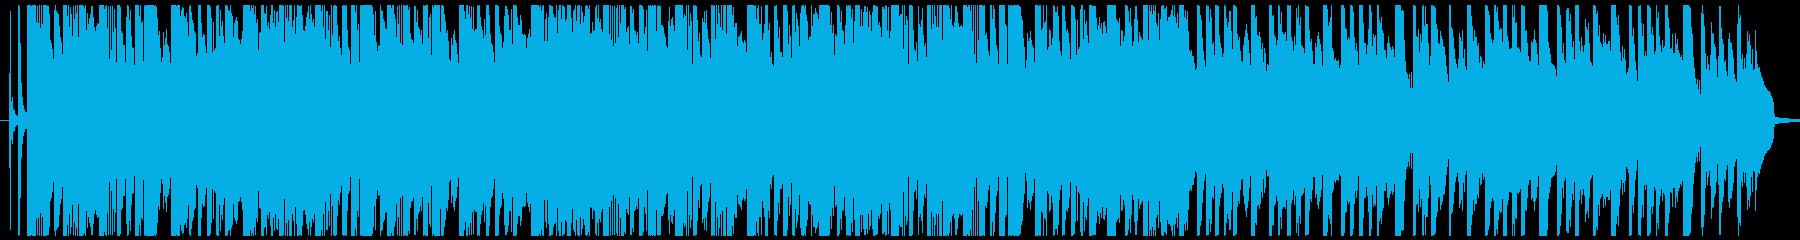 ポップインスト。音響的に明るい隆起...の再生済みの波形